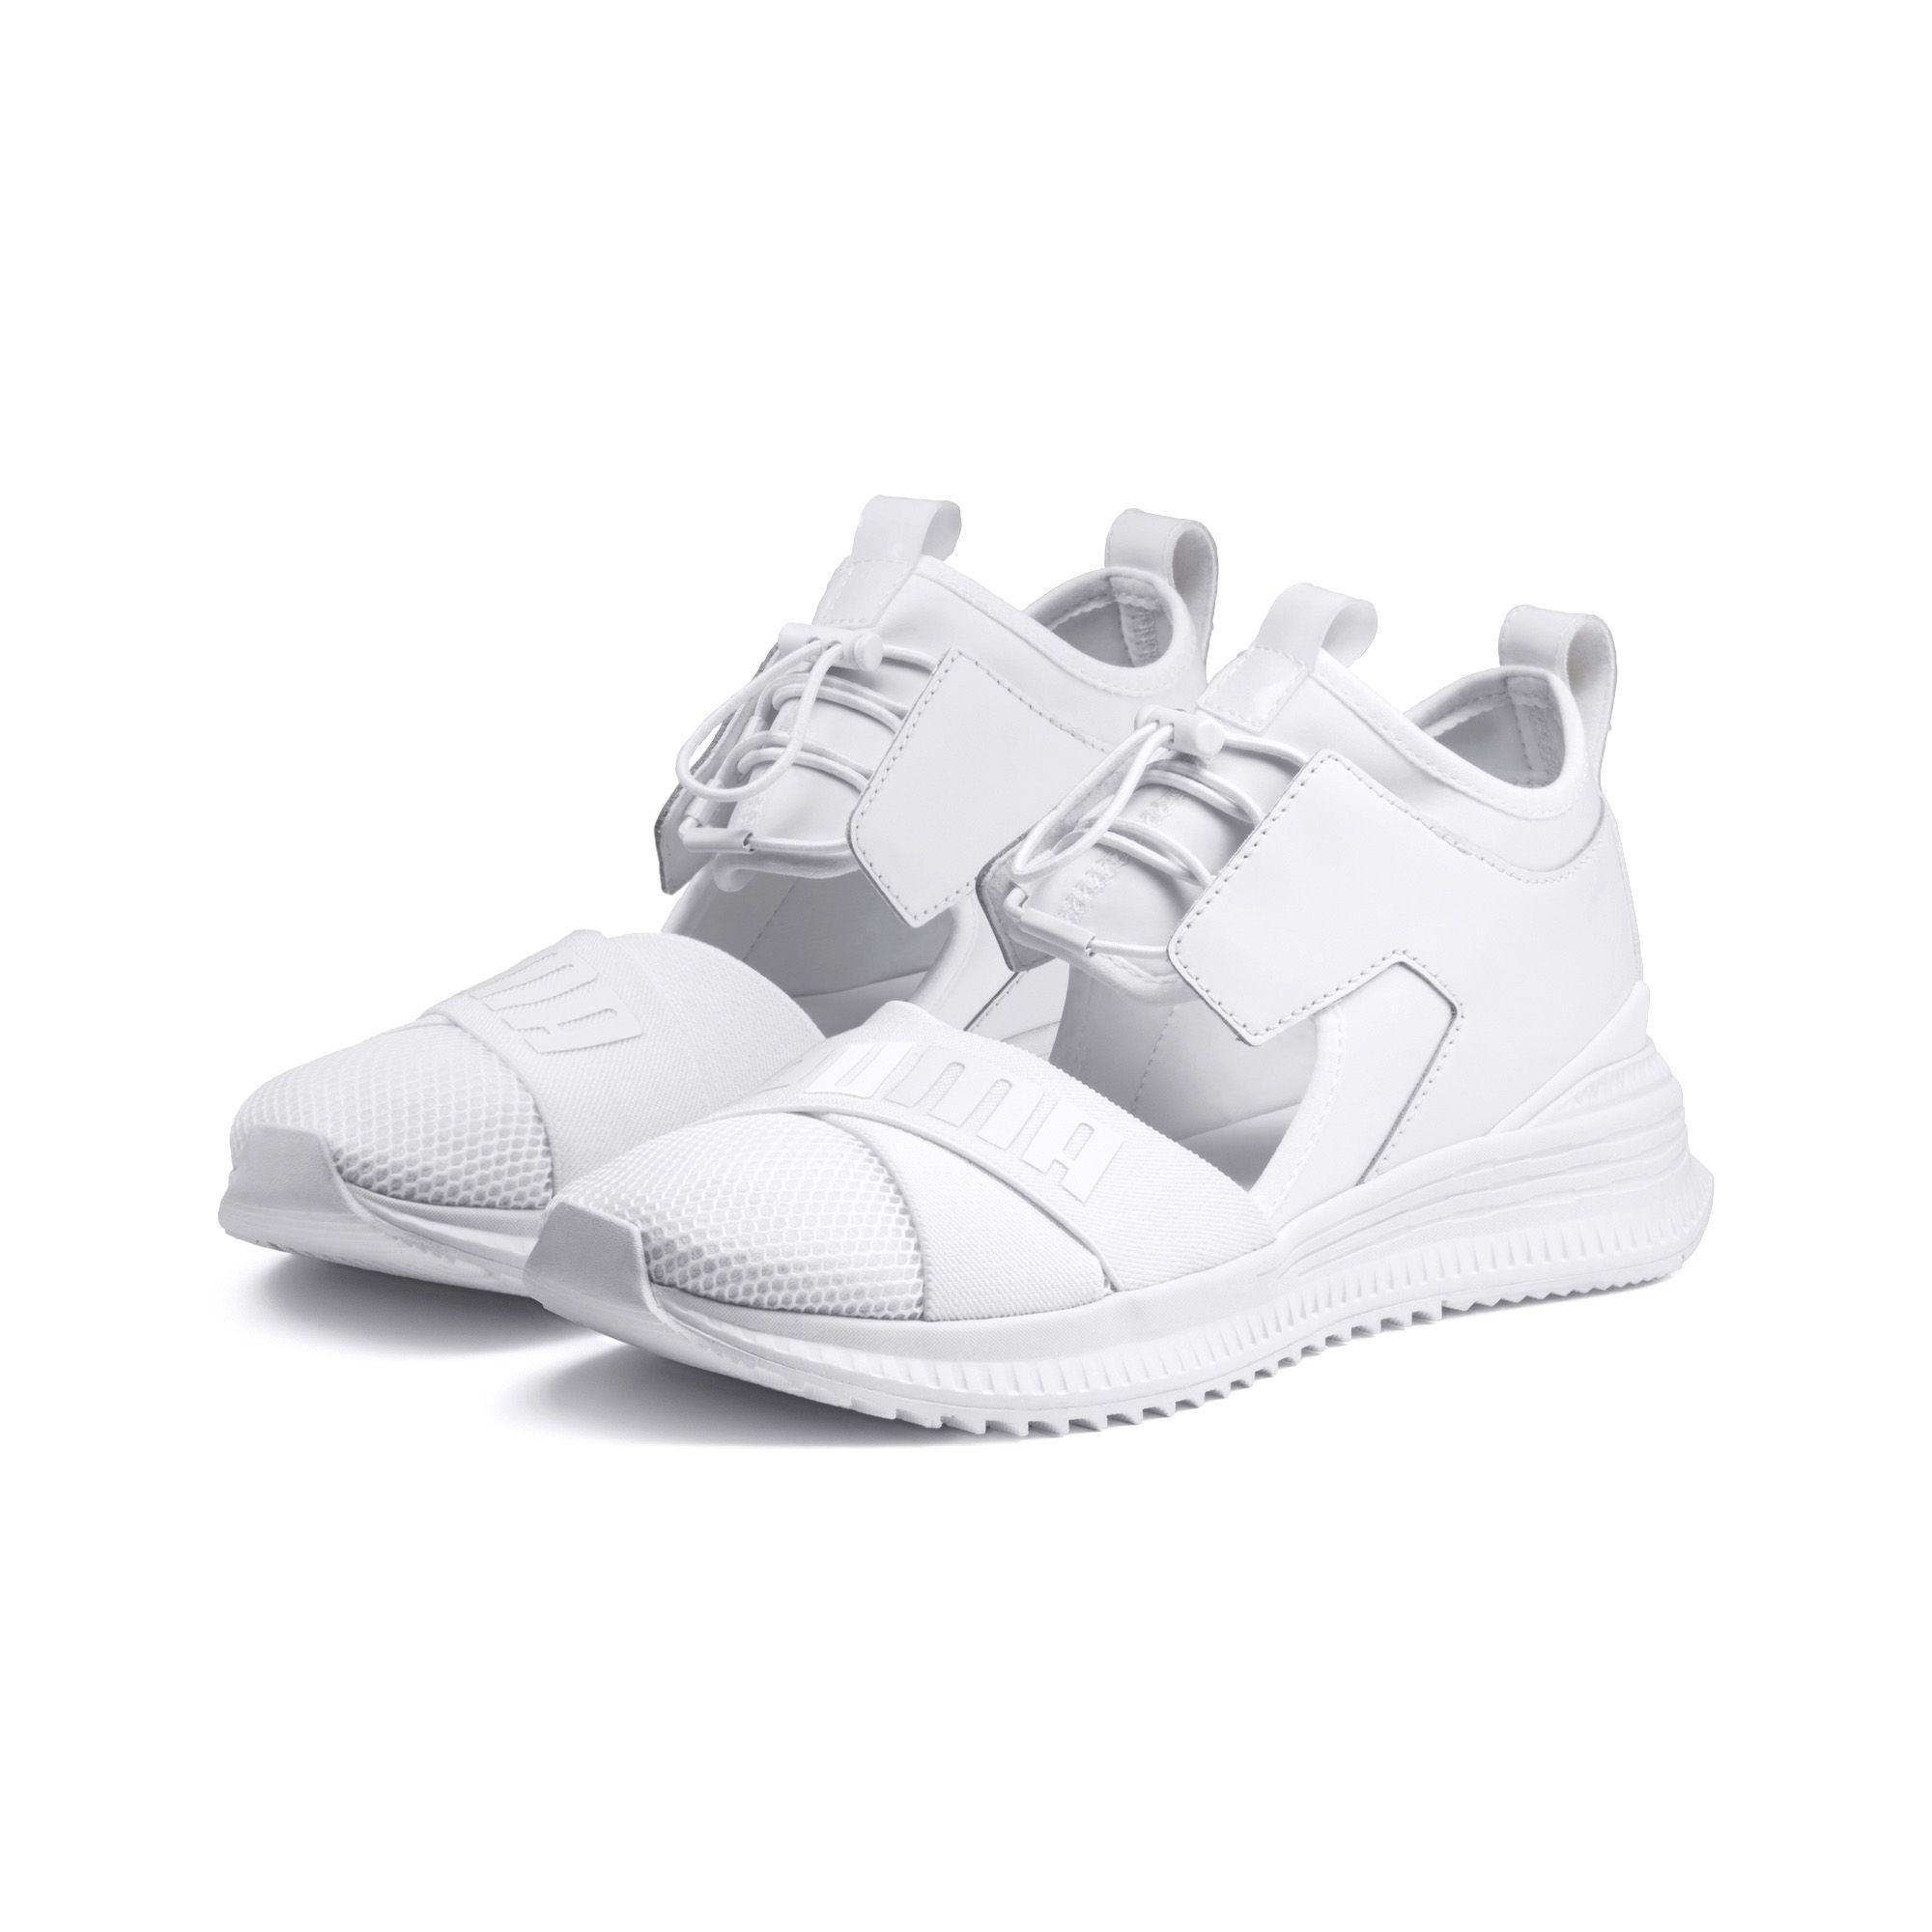 03ada8b6c7e PUMA Fenty Avid Unisex Sneakers in White - Lyst